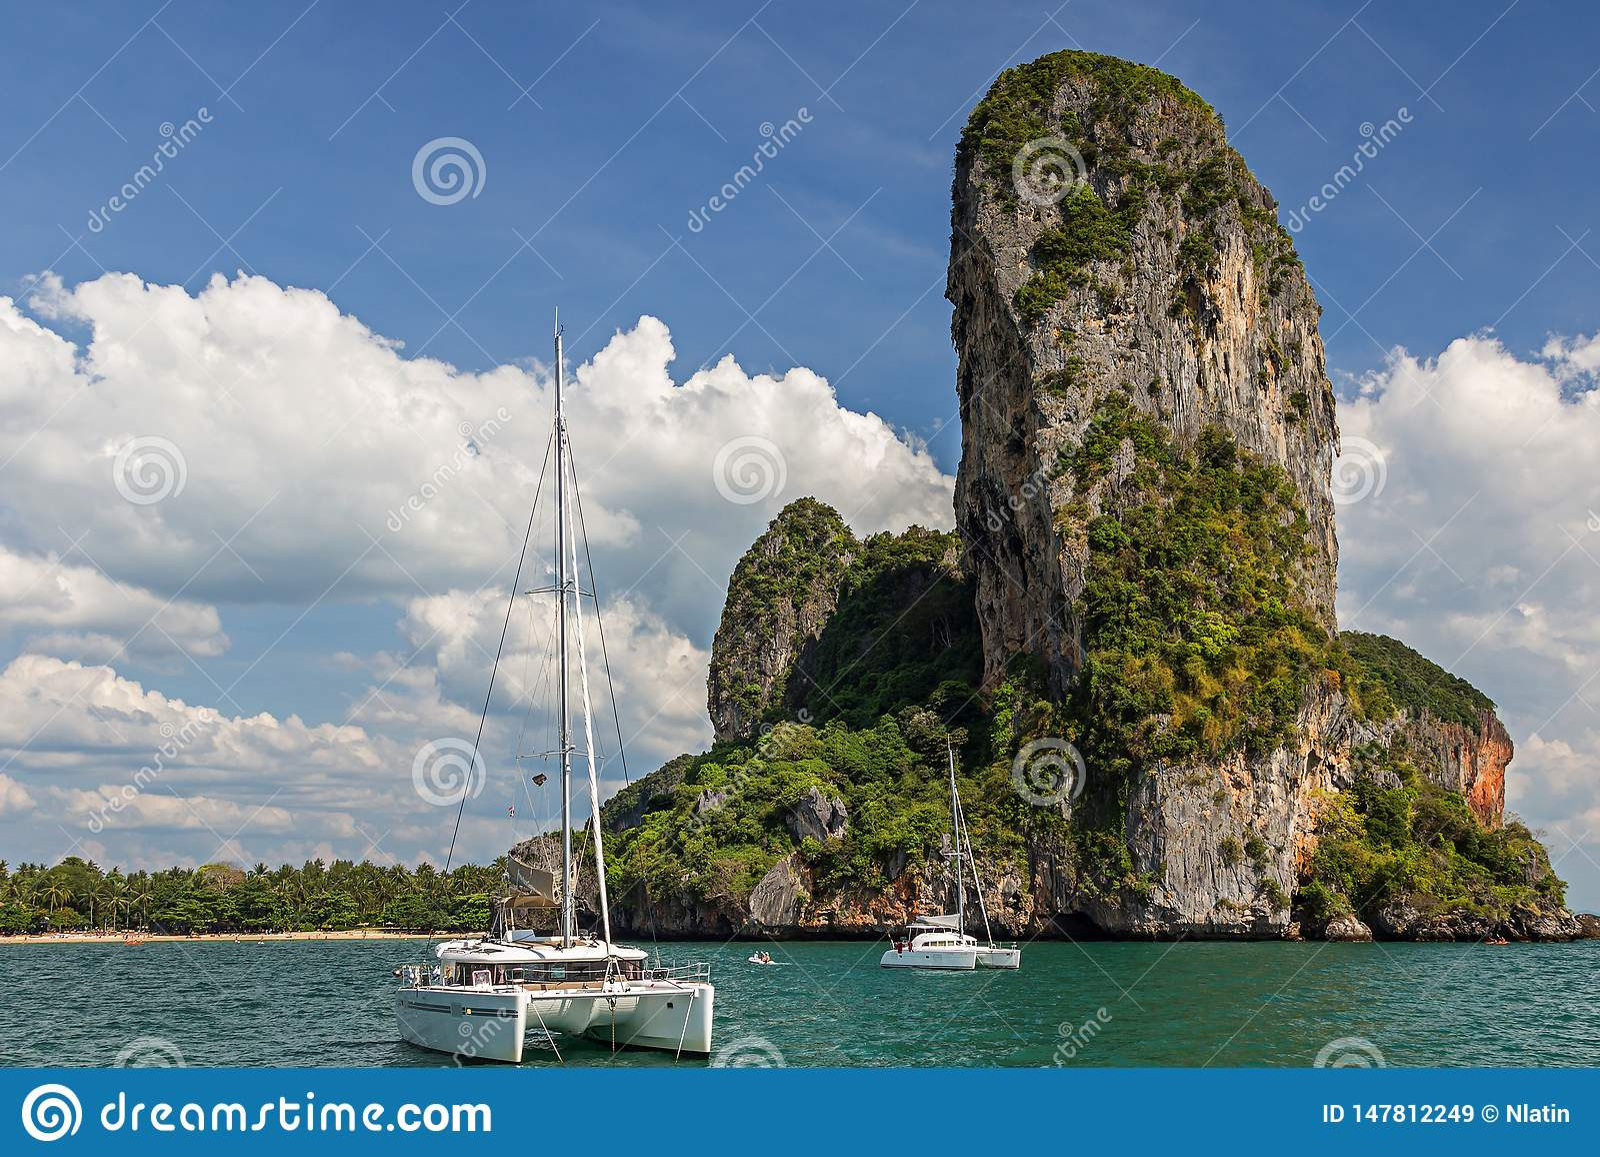 Νησιά στην επαρχία Krabi της Ταϊλάνδης